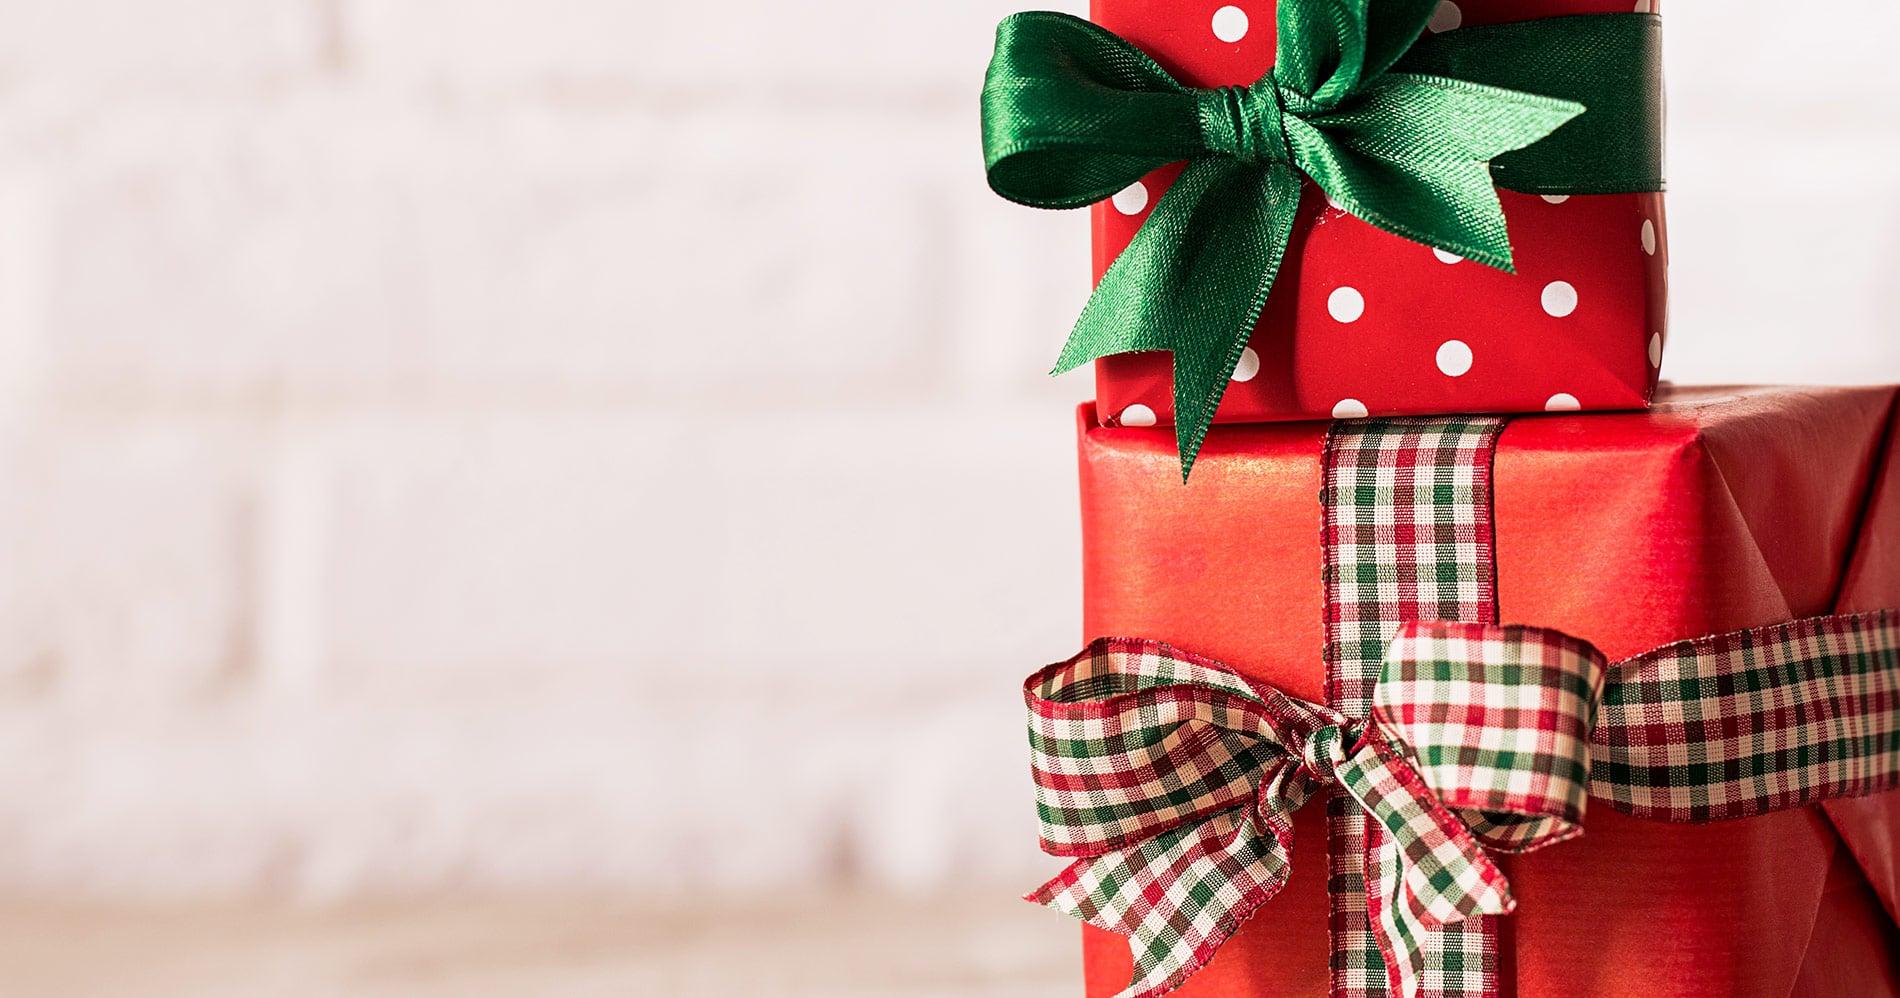 Tre idee regalo originali per Natale - Regali Ideali